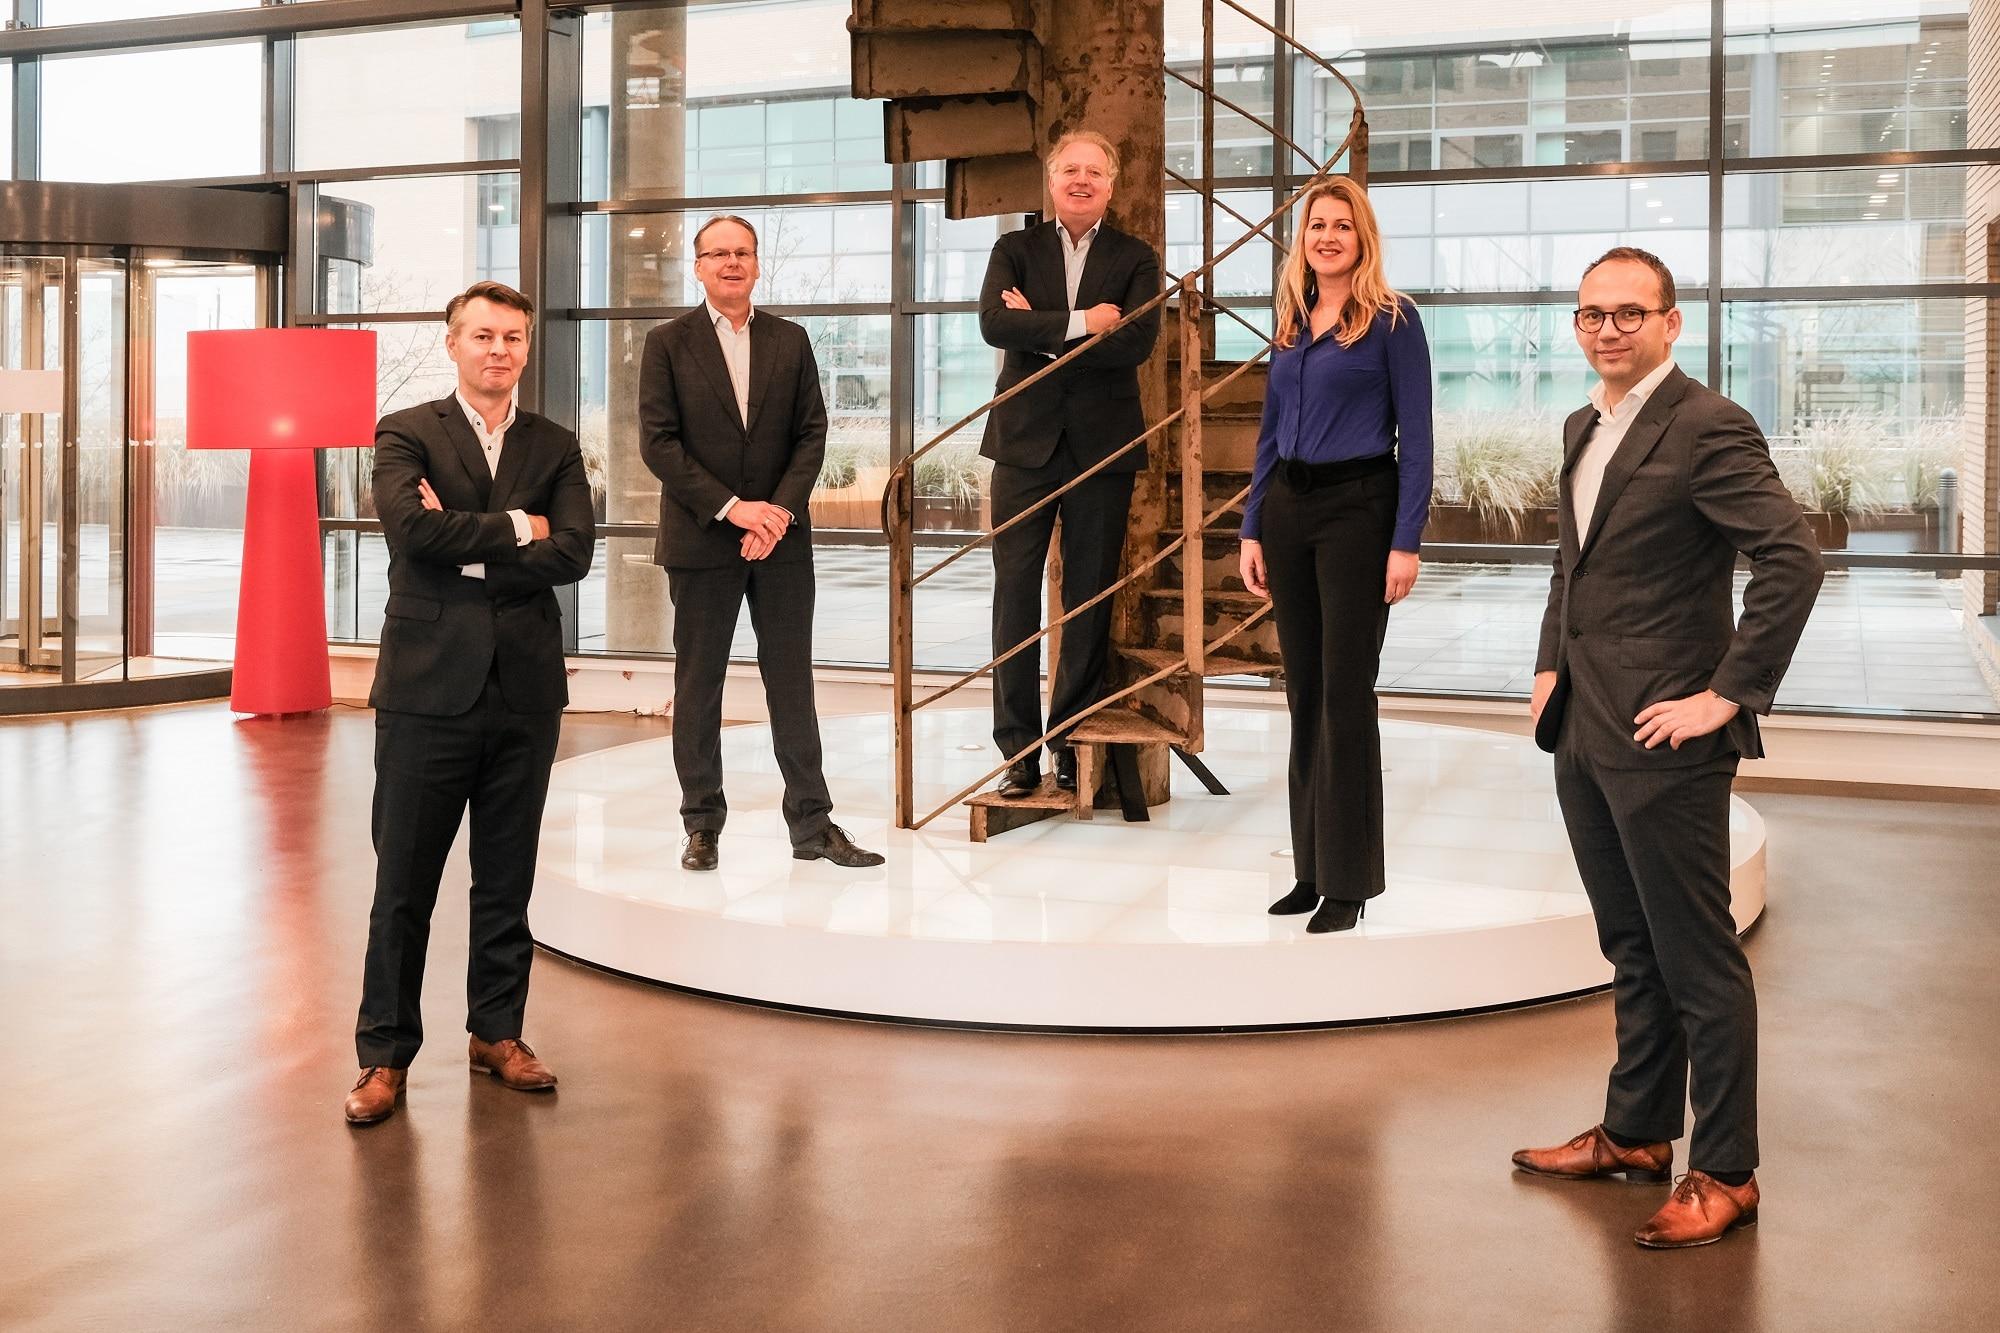 """V.l.n.r.: Thomas Meijer (Algemeen Directeur Palladio), Albert Kraak (oprichter Palladio), Gert-Jan Meppelink (CEO EIFFEL), Karima van Zadelhoff-Charrat (Directeur People & Organisation EIFFEL) en Bram van Beetz (Commercieel Directeur EIFFEL) in de hal van EIFFEL bij een origineel trapdeel van de Eiffeltoren: """"We zetten nieuwe stappen omhoog""""."""